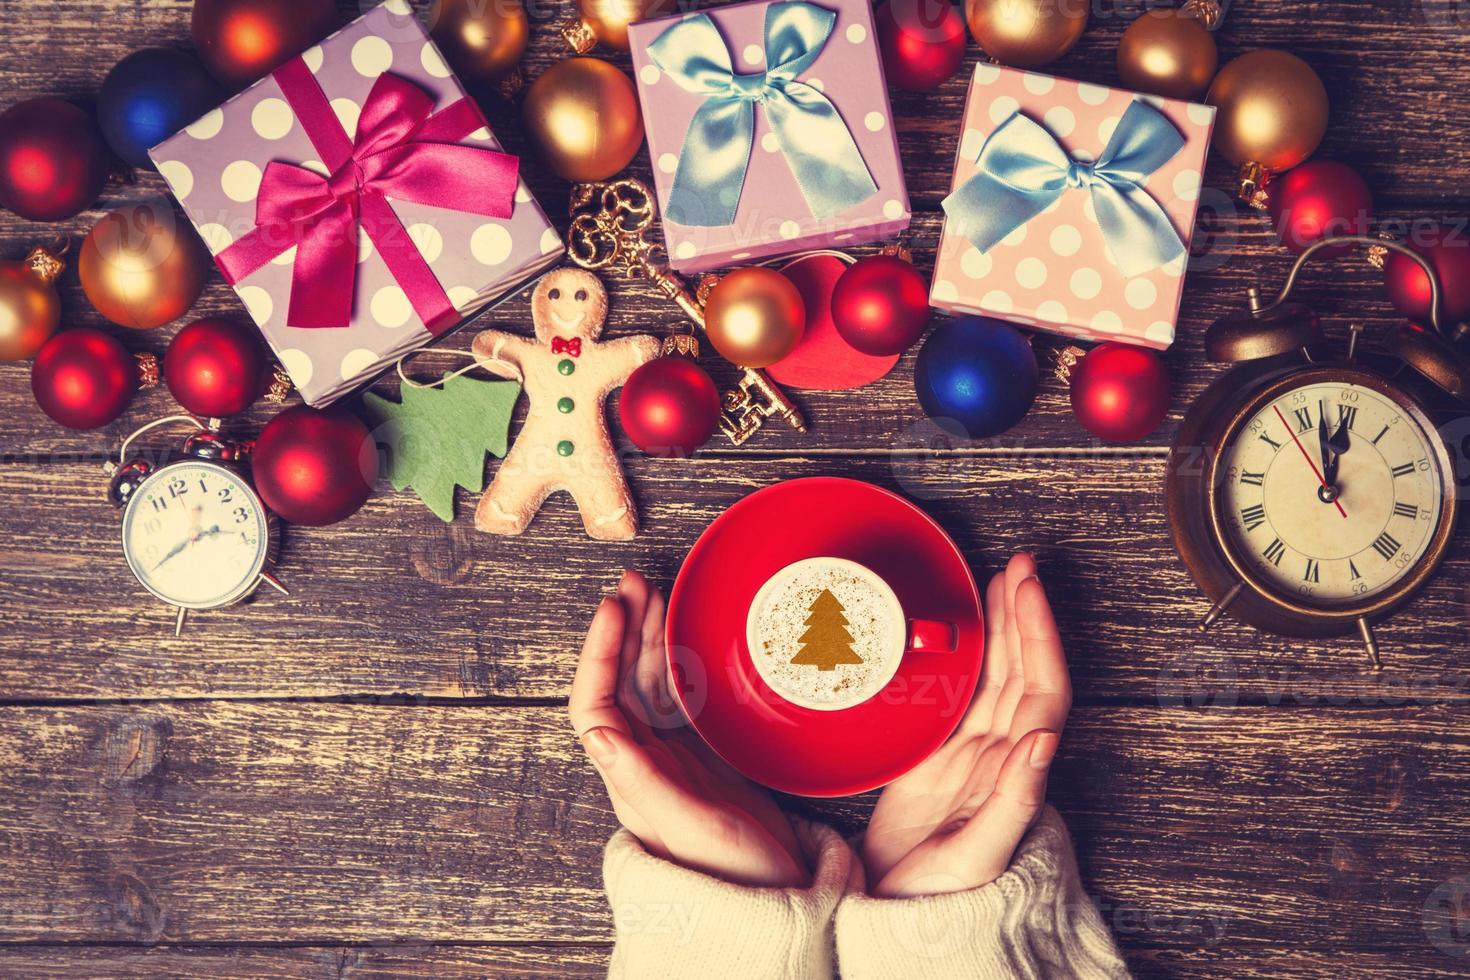 Mujer sosteniendo una taza de café cerca de regalos de Navidad foto